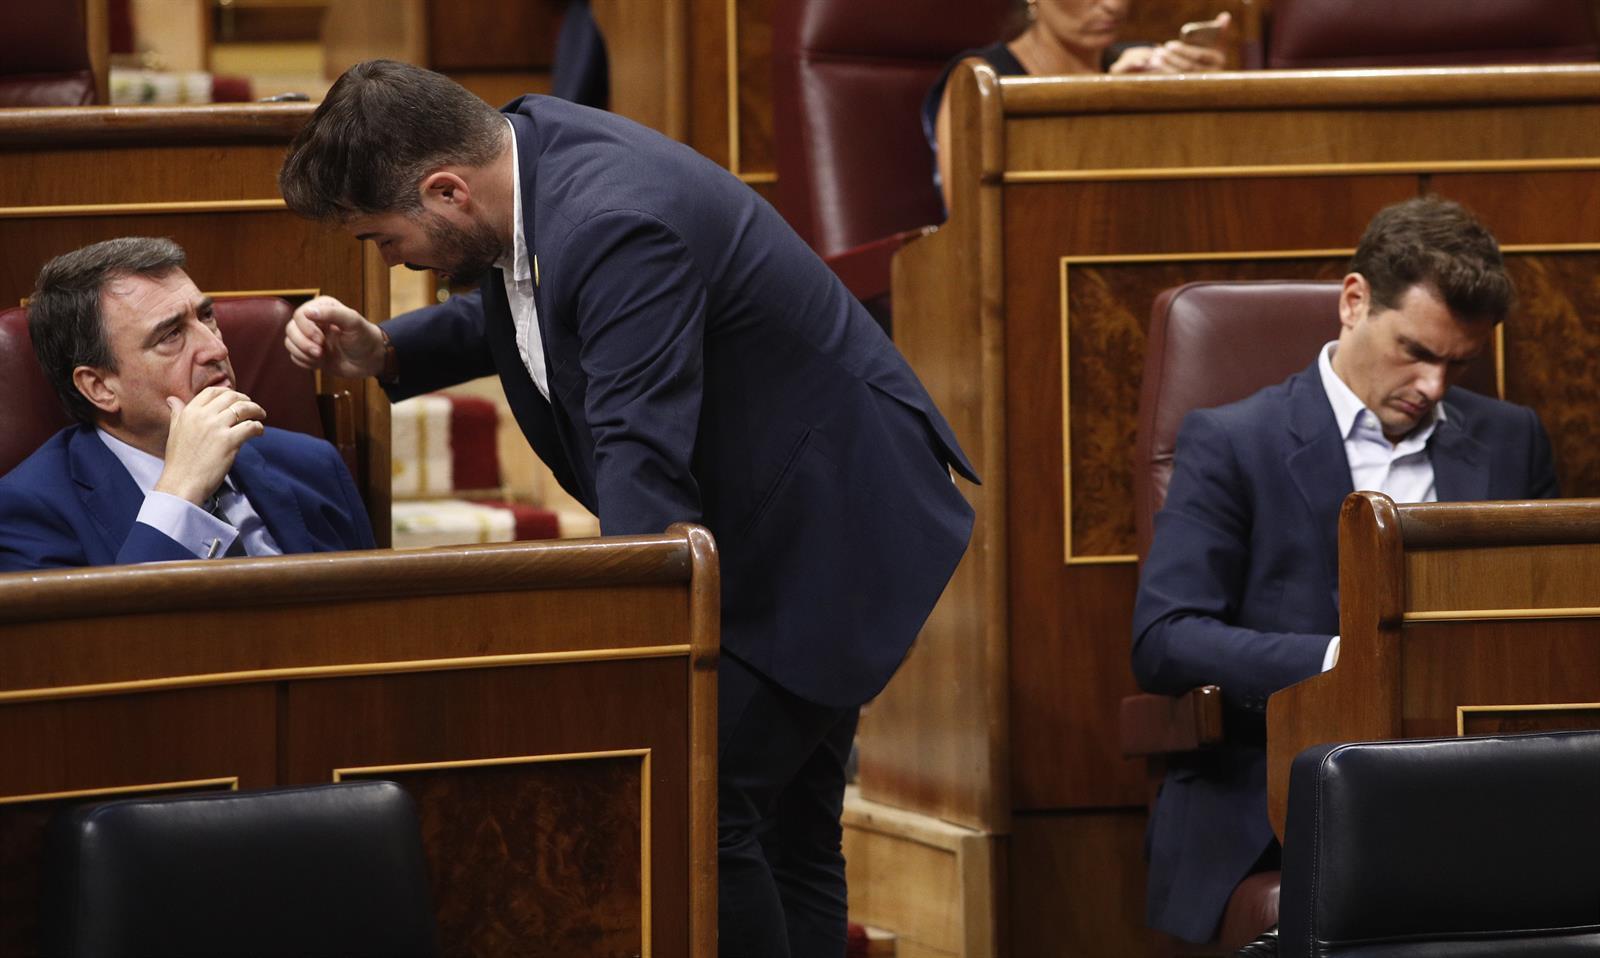 El PNV no cree que la situación entre el PSOE y Unidas Podemos esté mejor que ayer -. Firma: CJM/ROSA .-